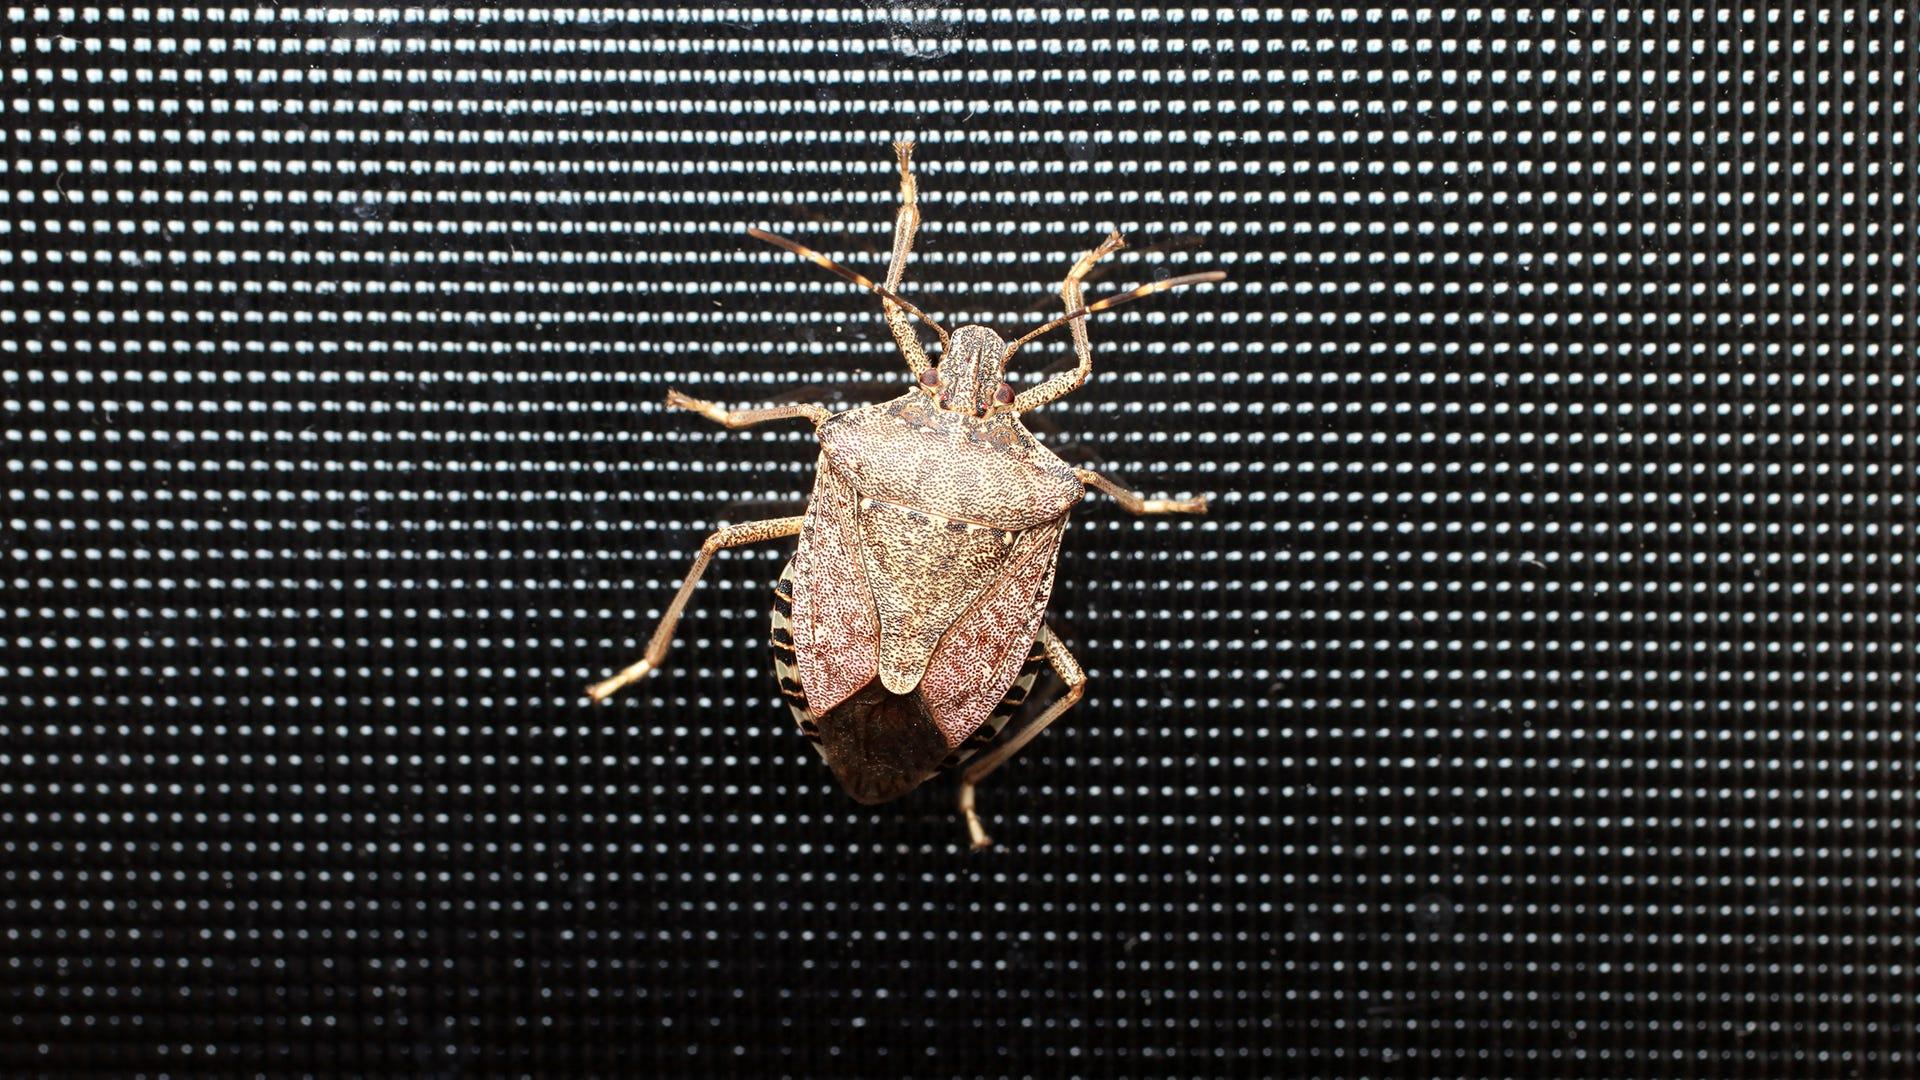 bug on screen